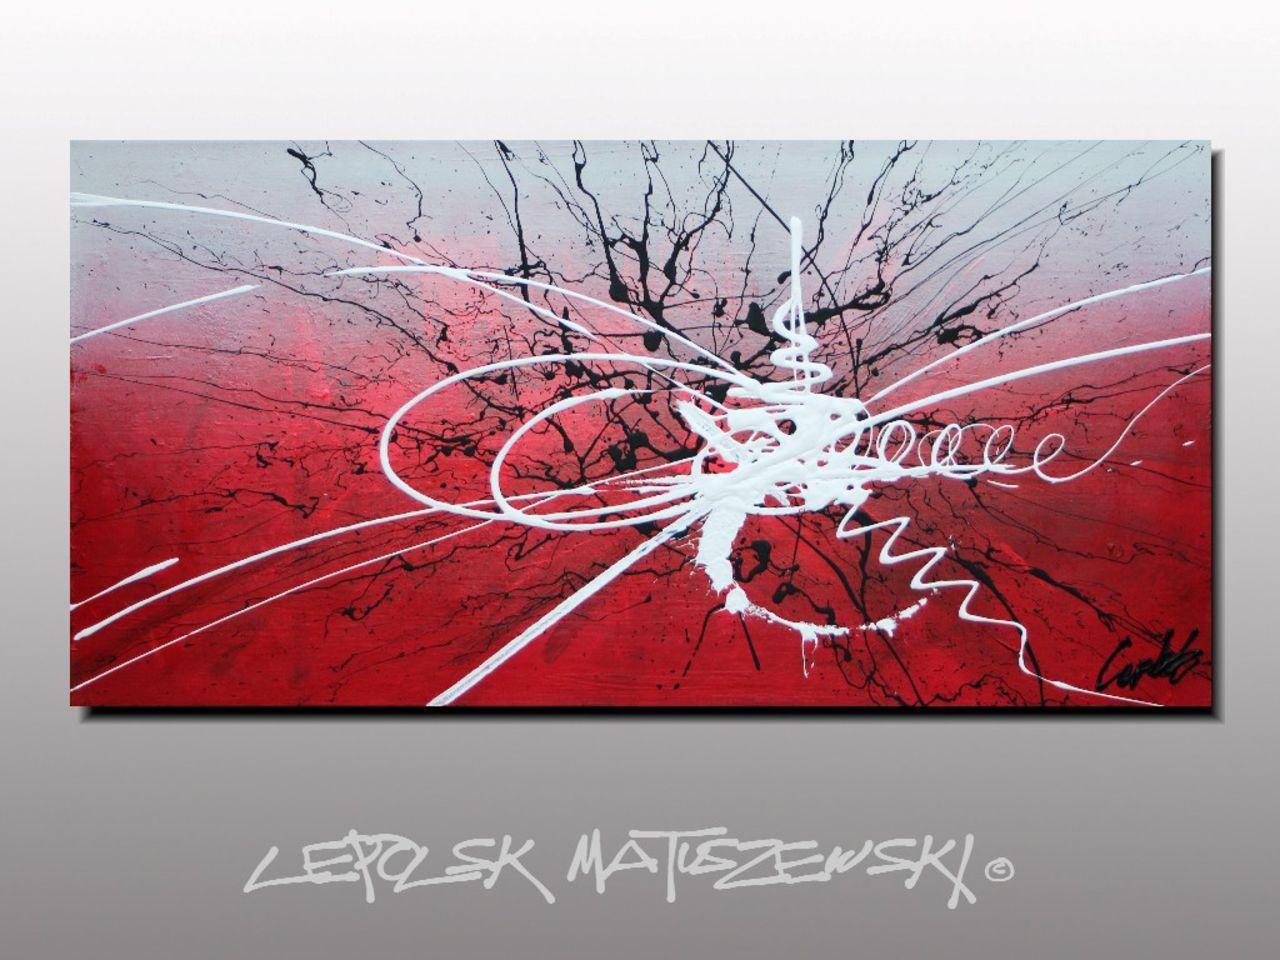 MISTER K  (Lepolsk Matuszewski) EDONIA  expressionnisme abstrait contemporain